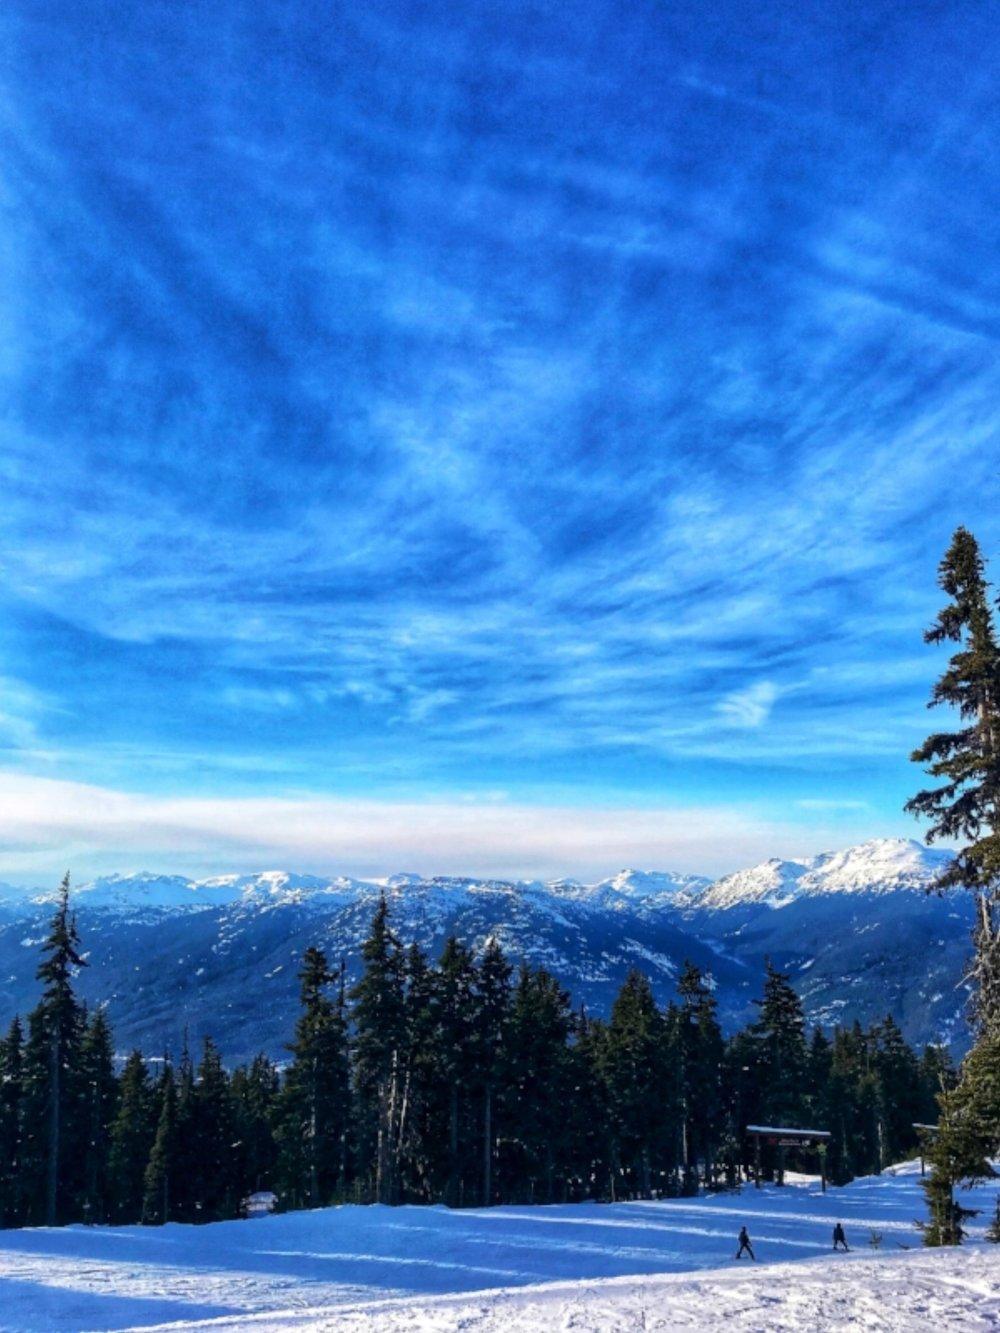 Free tours of Whistler Blackcomb Mountain